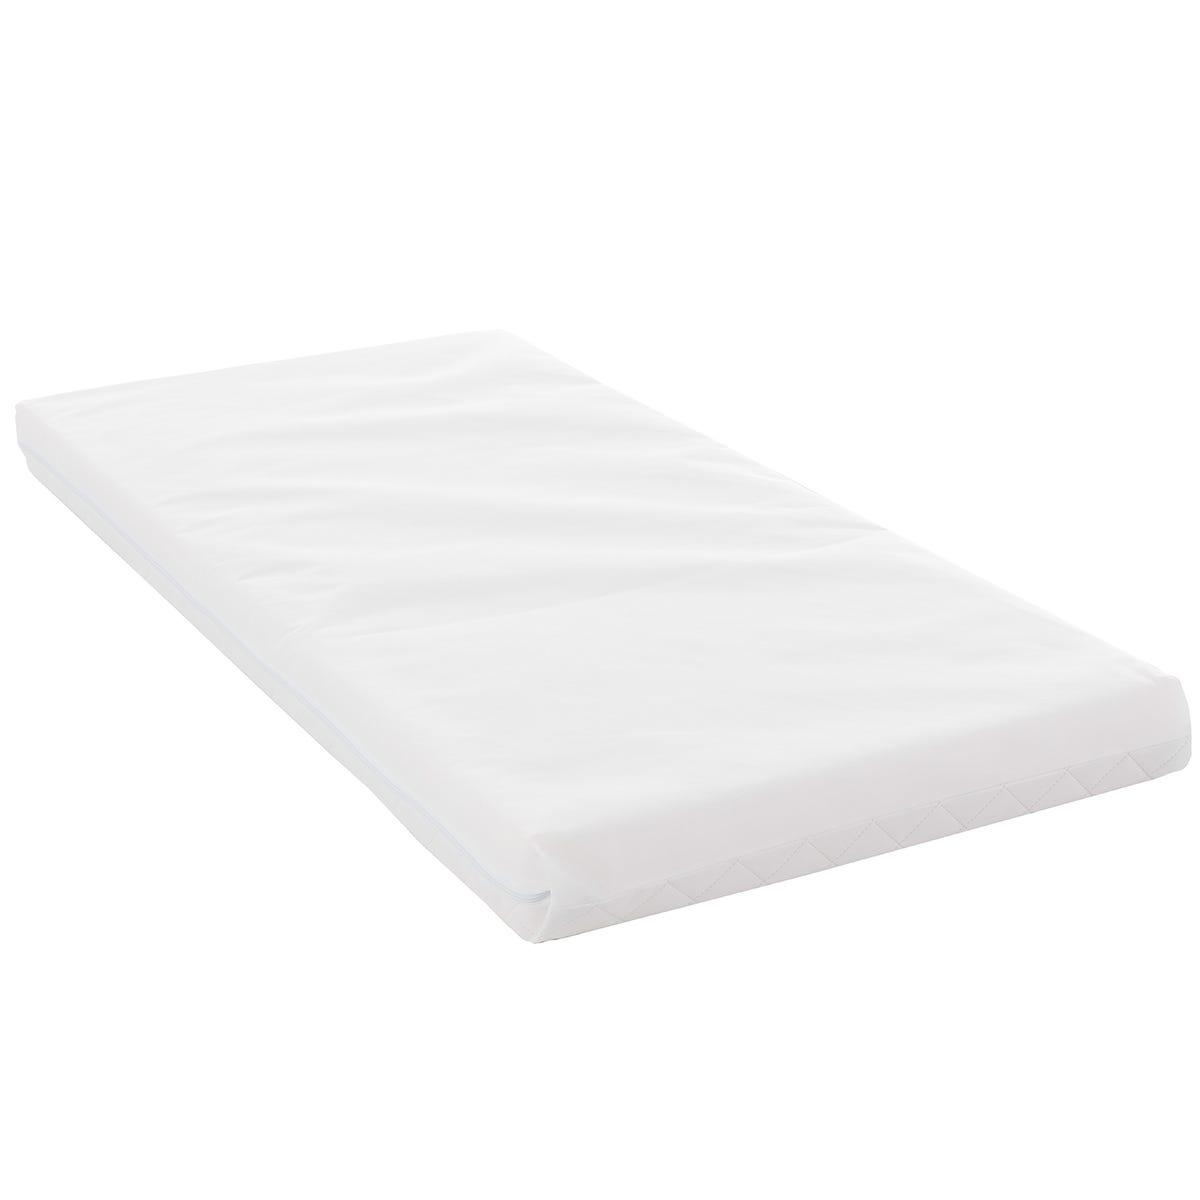 Obaby Sprung 140 X 70 Cot Bed Mattress